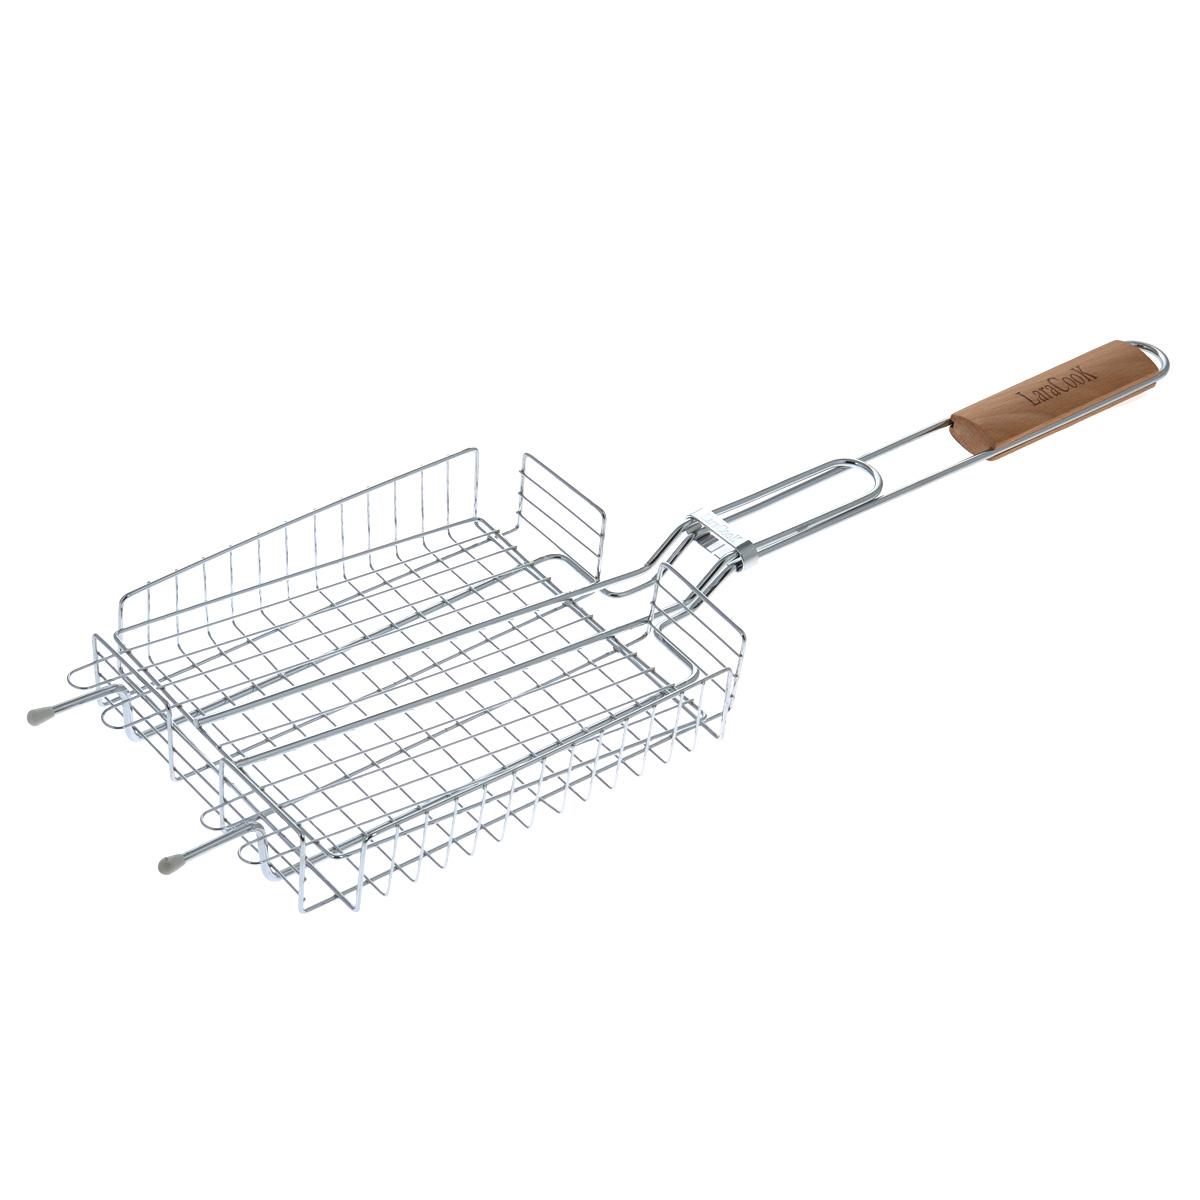 Решетка-гриль глубокая Laracook, 25 см х 20 смFS-91909Решетка-гриль Laracook изготовлена из нержавеющей стали. Приготовление вкусных блюд из рыбы, мяса или птицы на пикнике становится еще более быстрым и удобным с использованием решетки-гриль. Верхняя прижимная сетка решетки регулируется по высоте и позволяет готовить продукты разной толщины. Высокие бортики не дадут упасть продуктам на угли при перевороте решетки. Решетка-гриль отлично подходит для мангала. Удобная для обхвата деревянная ручка помогает легче переворачивать решетку и делает ее использование более безопасным. Размер решетки: 25 см х 20 см х 5 см.Длина ручки: 37 см.